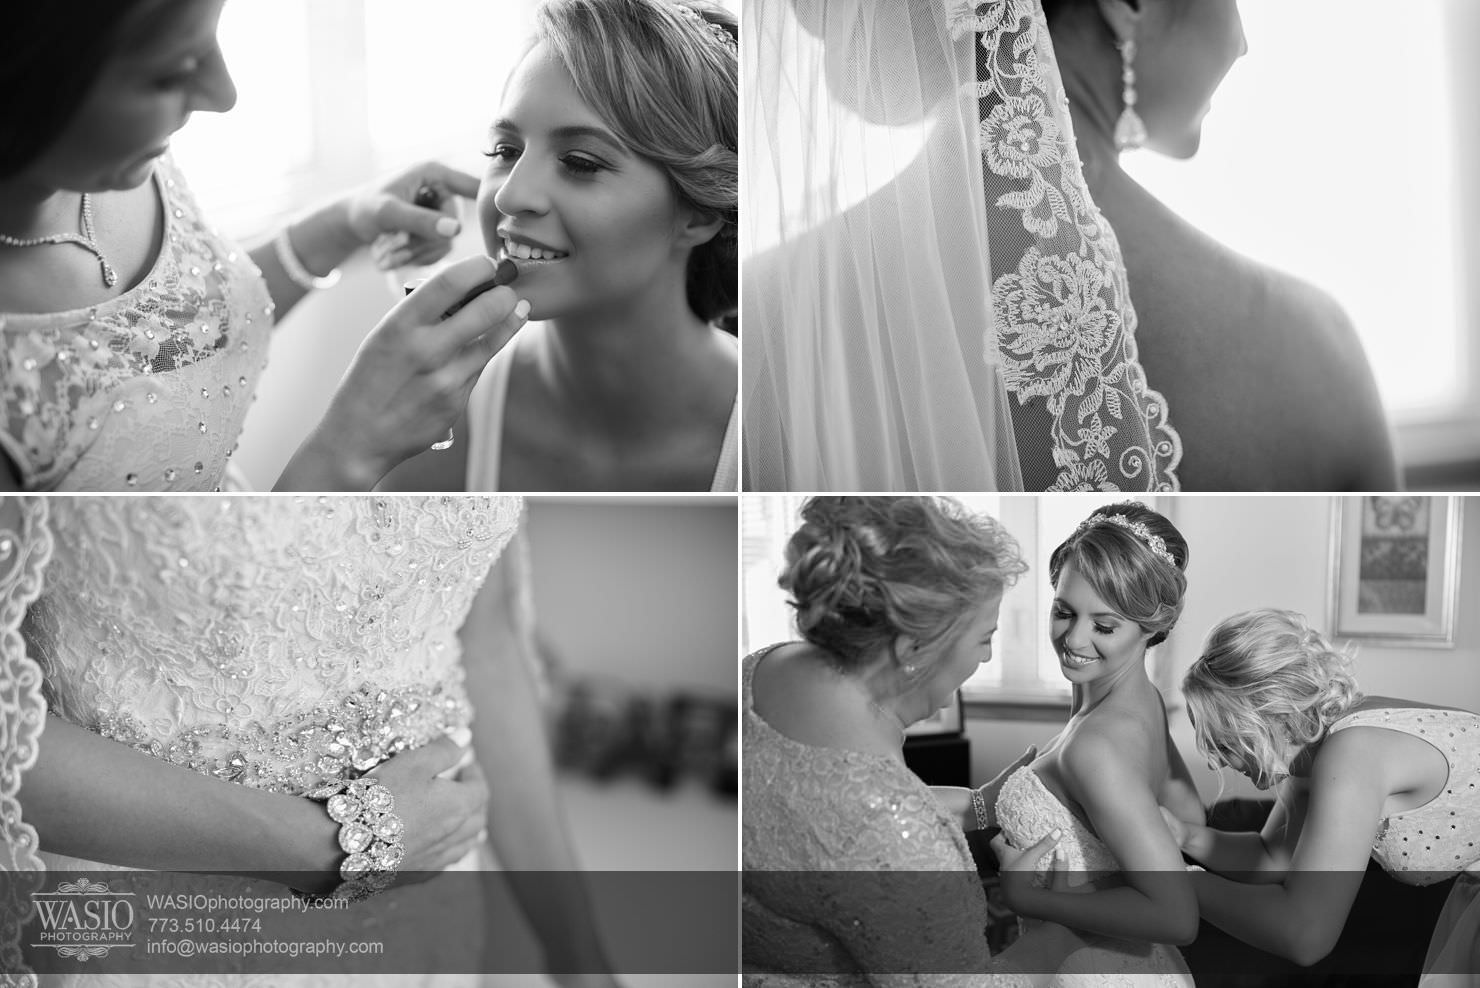 03_Chicago-Summer-Wedding_3P4C644 Chicago Summer Wedding - Angelica & Pawel